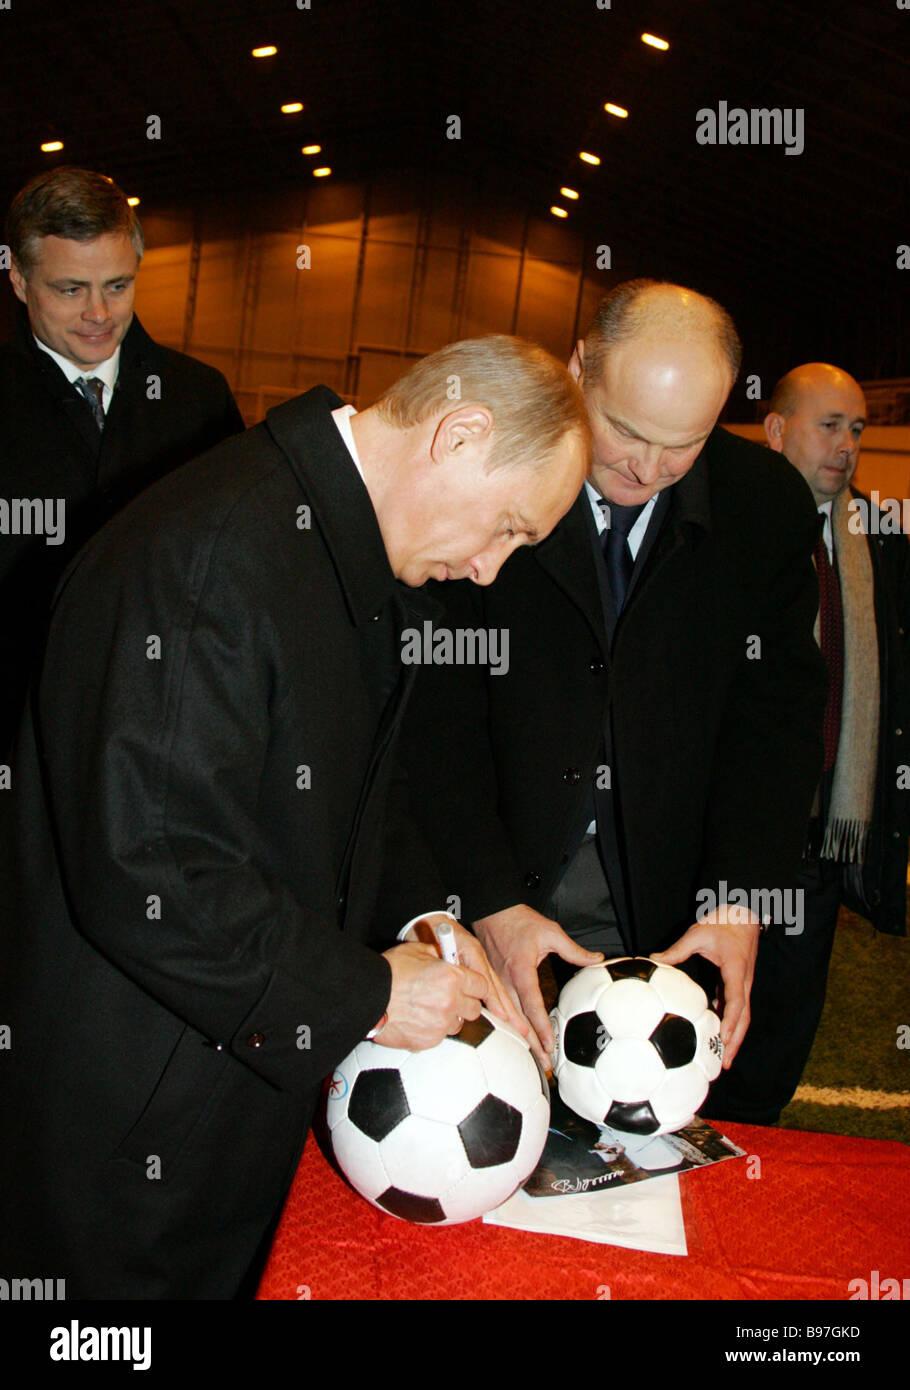 Präsident Vladimir Putin Zentrum signierte Fußbälle während Inspektion ein Kinder s Gesundheit Stockbild